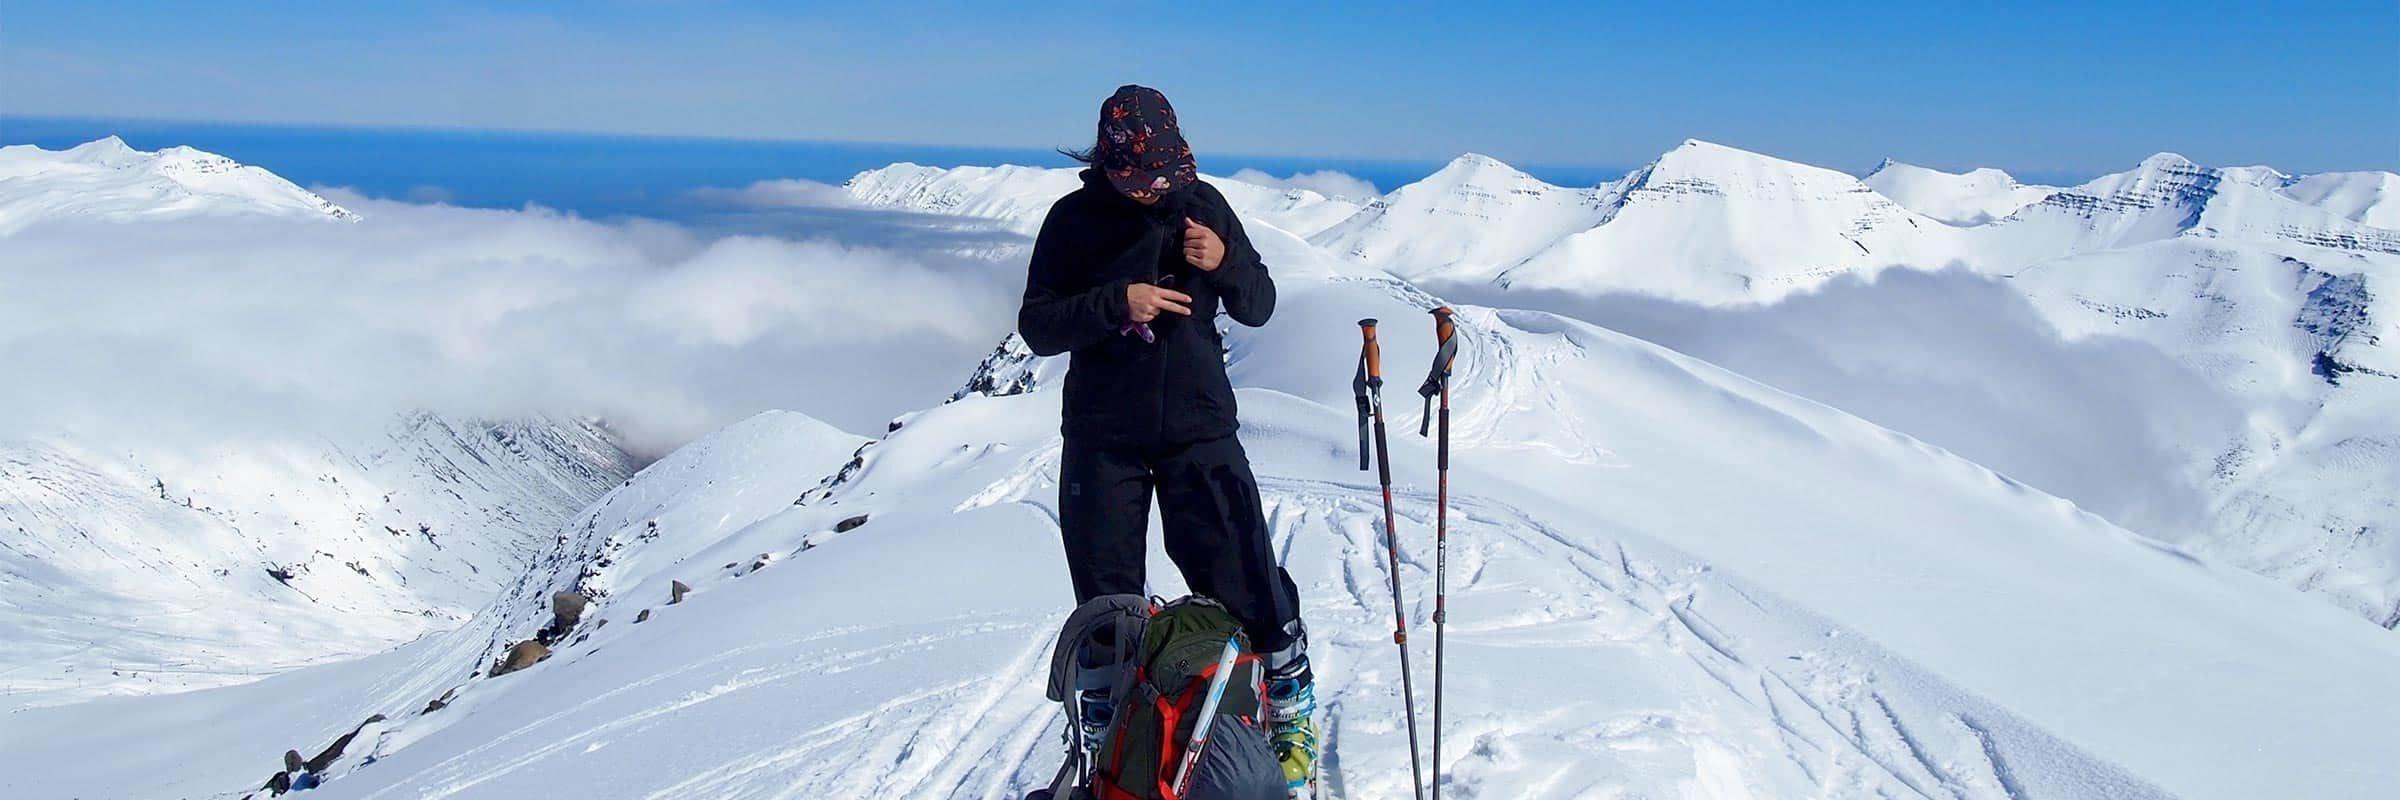 ski north face